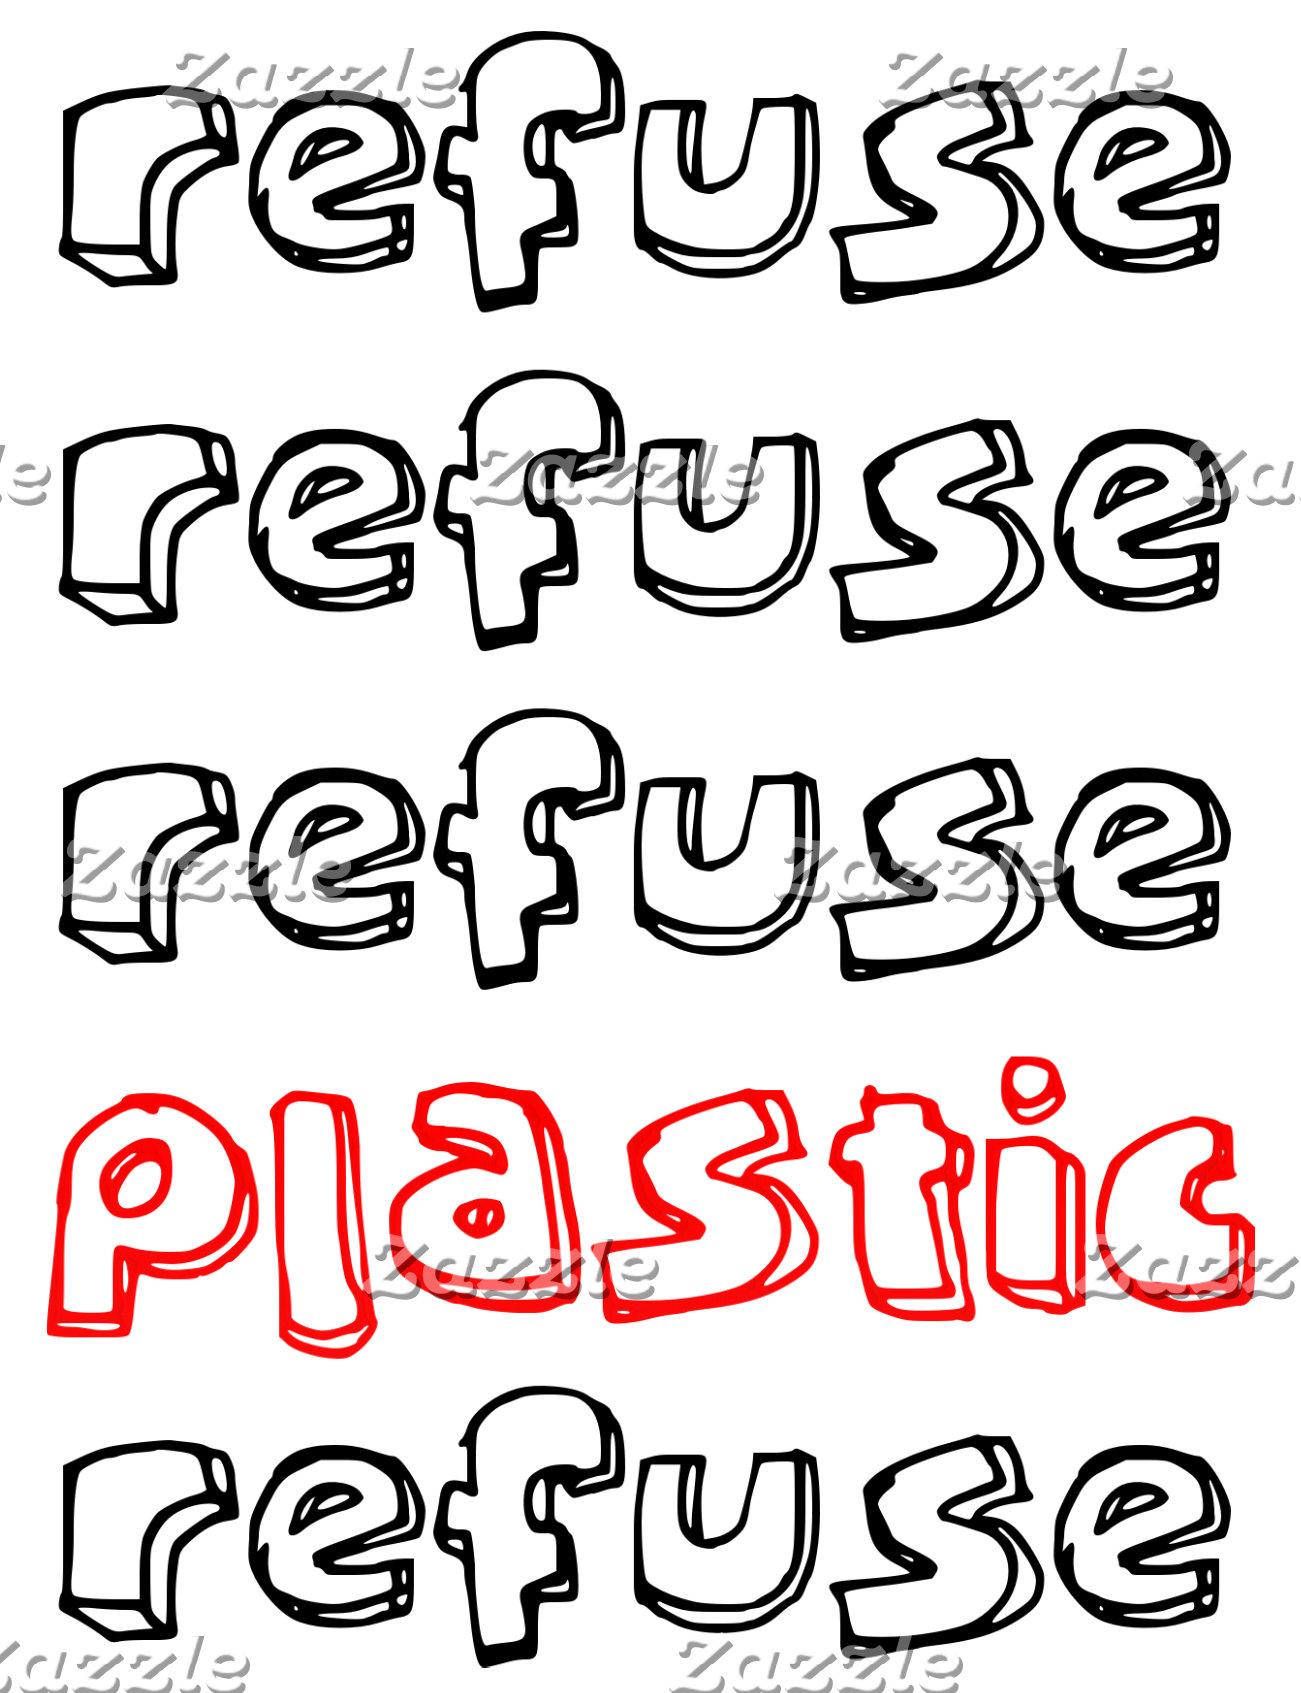 Refuse Plastic